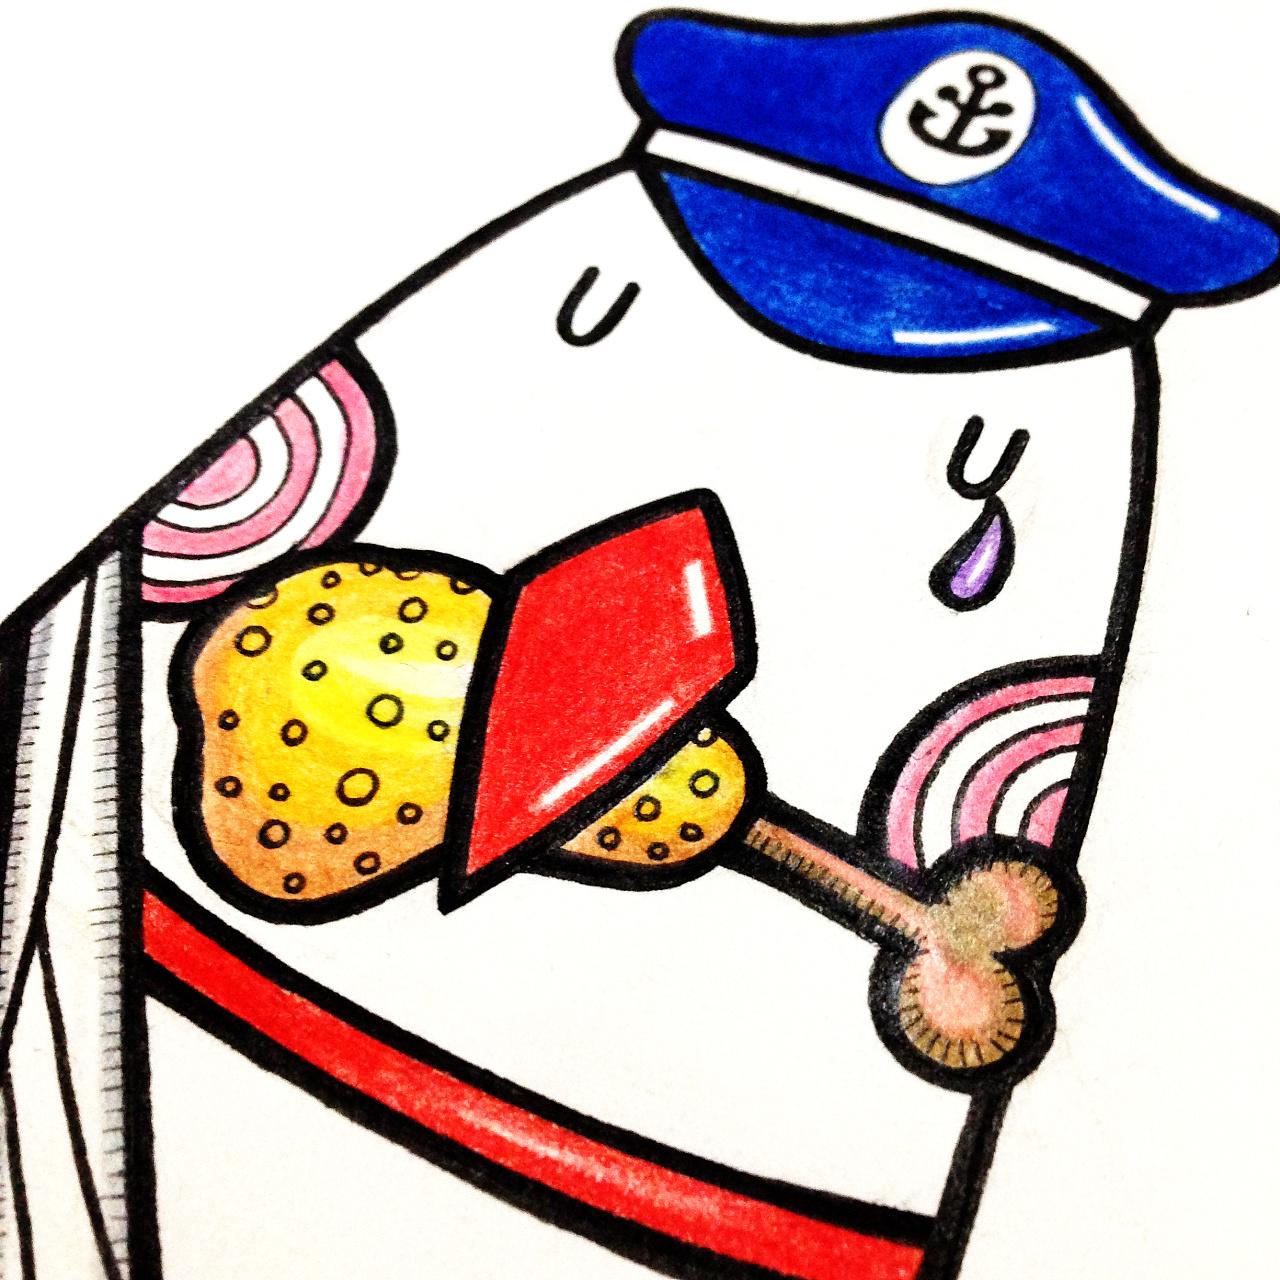 手绘涂鸦插画稿 企鹅船长 手绘过程